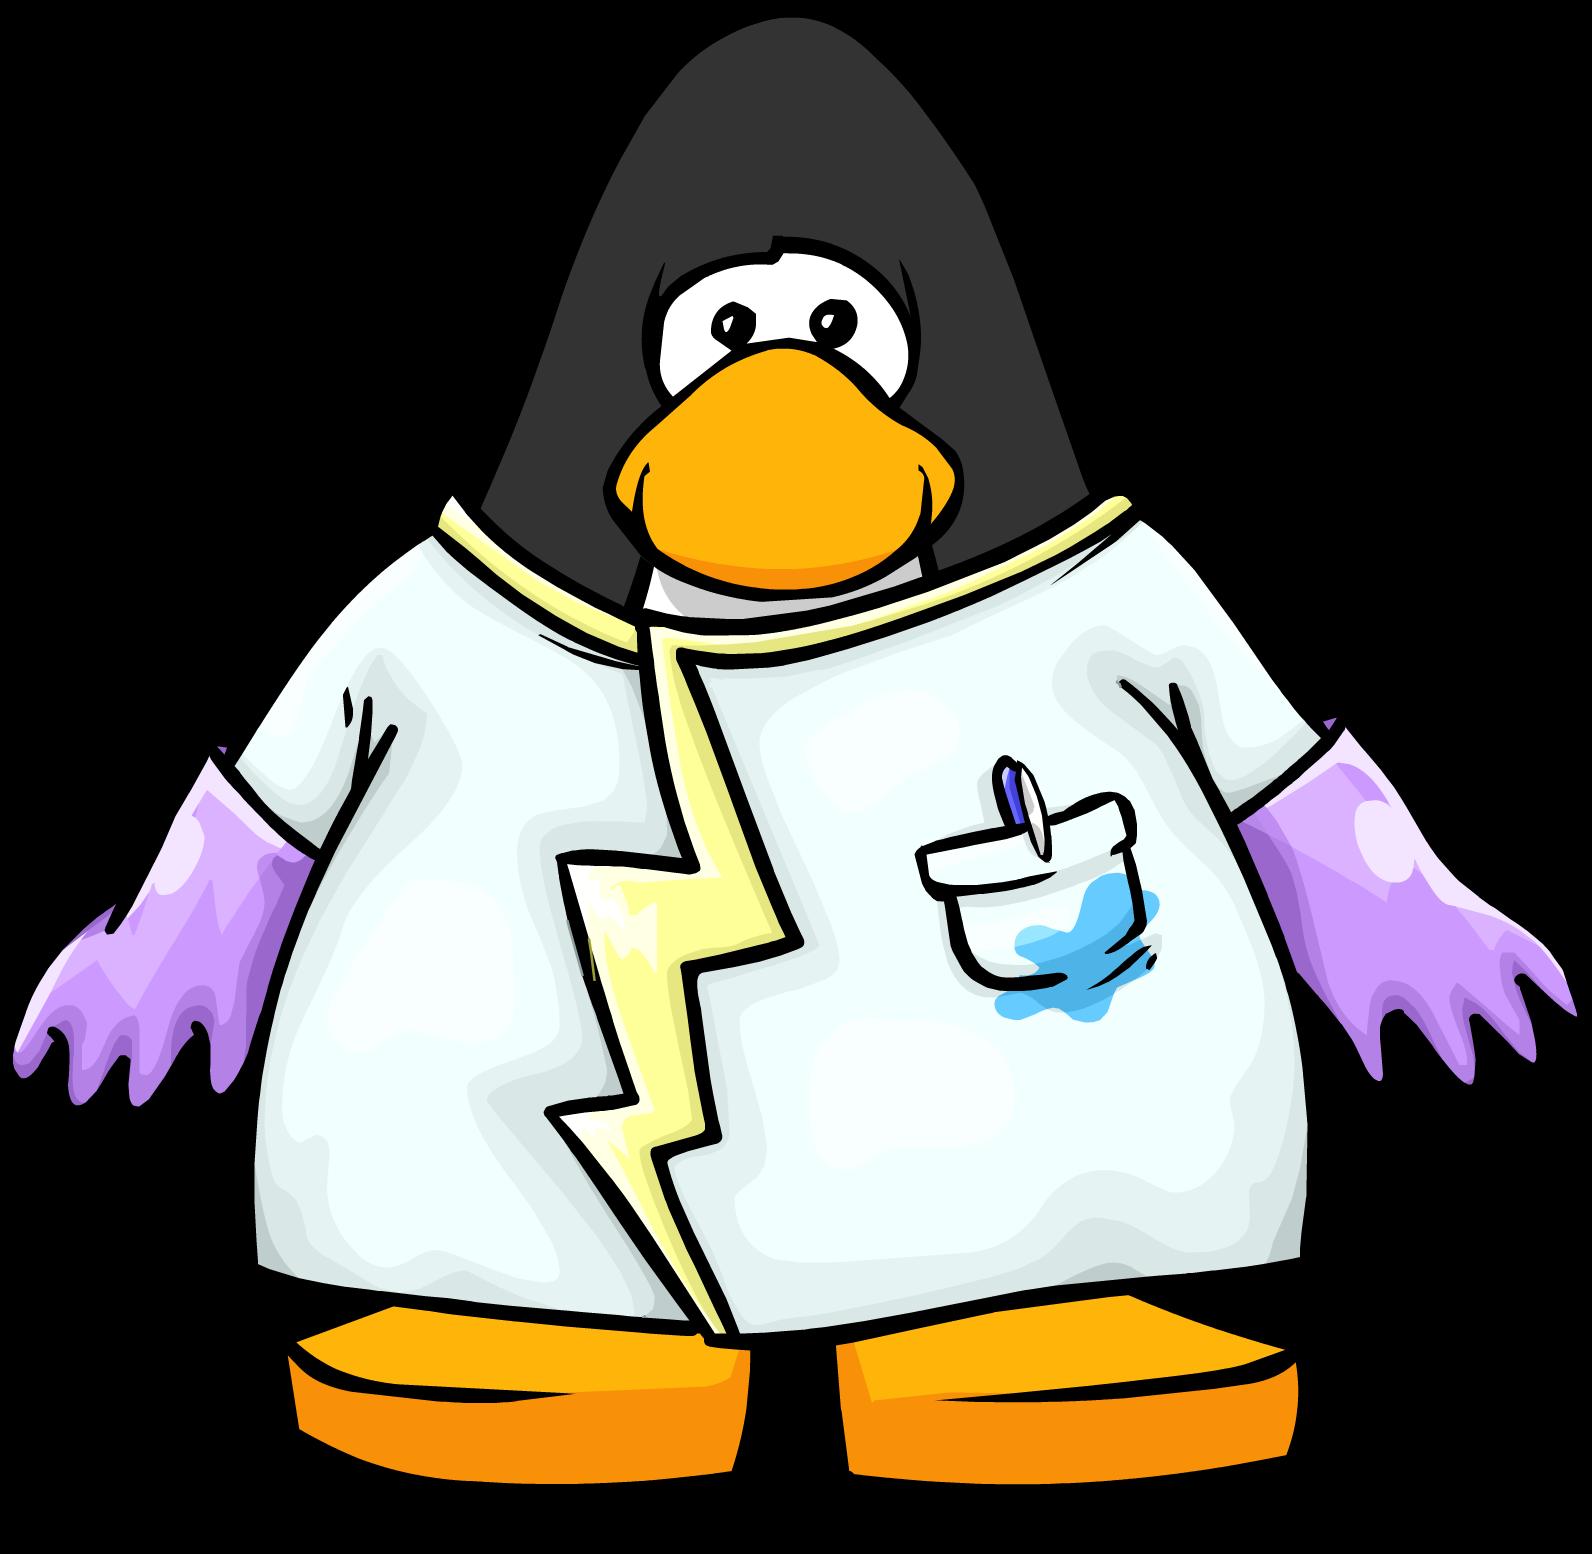 Scientist clipart penguin #8